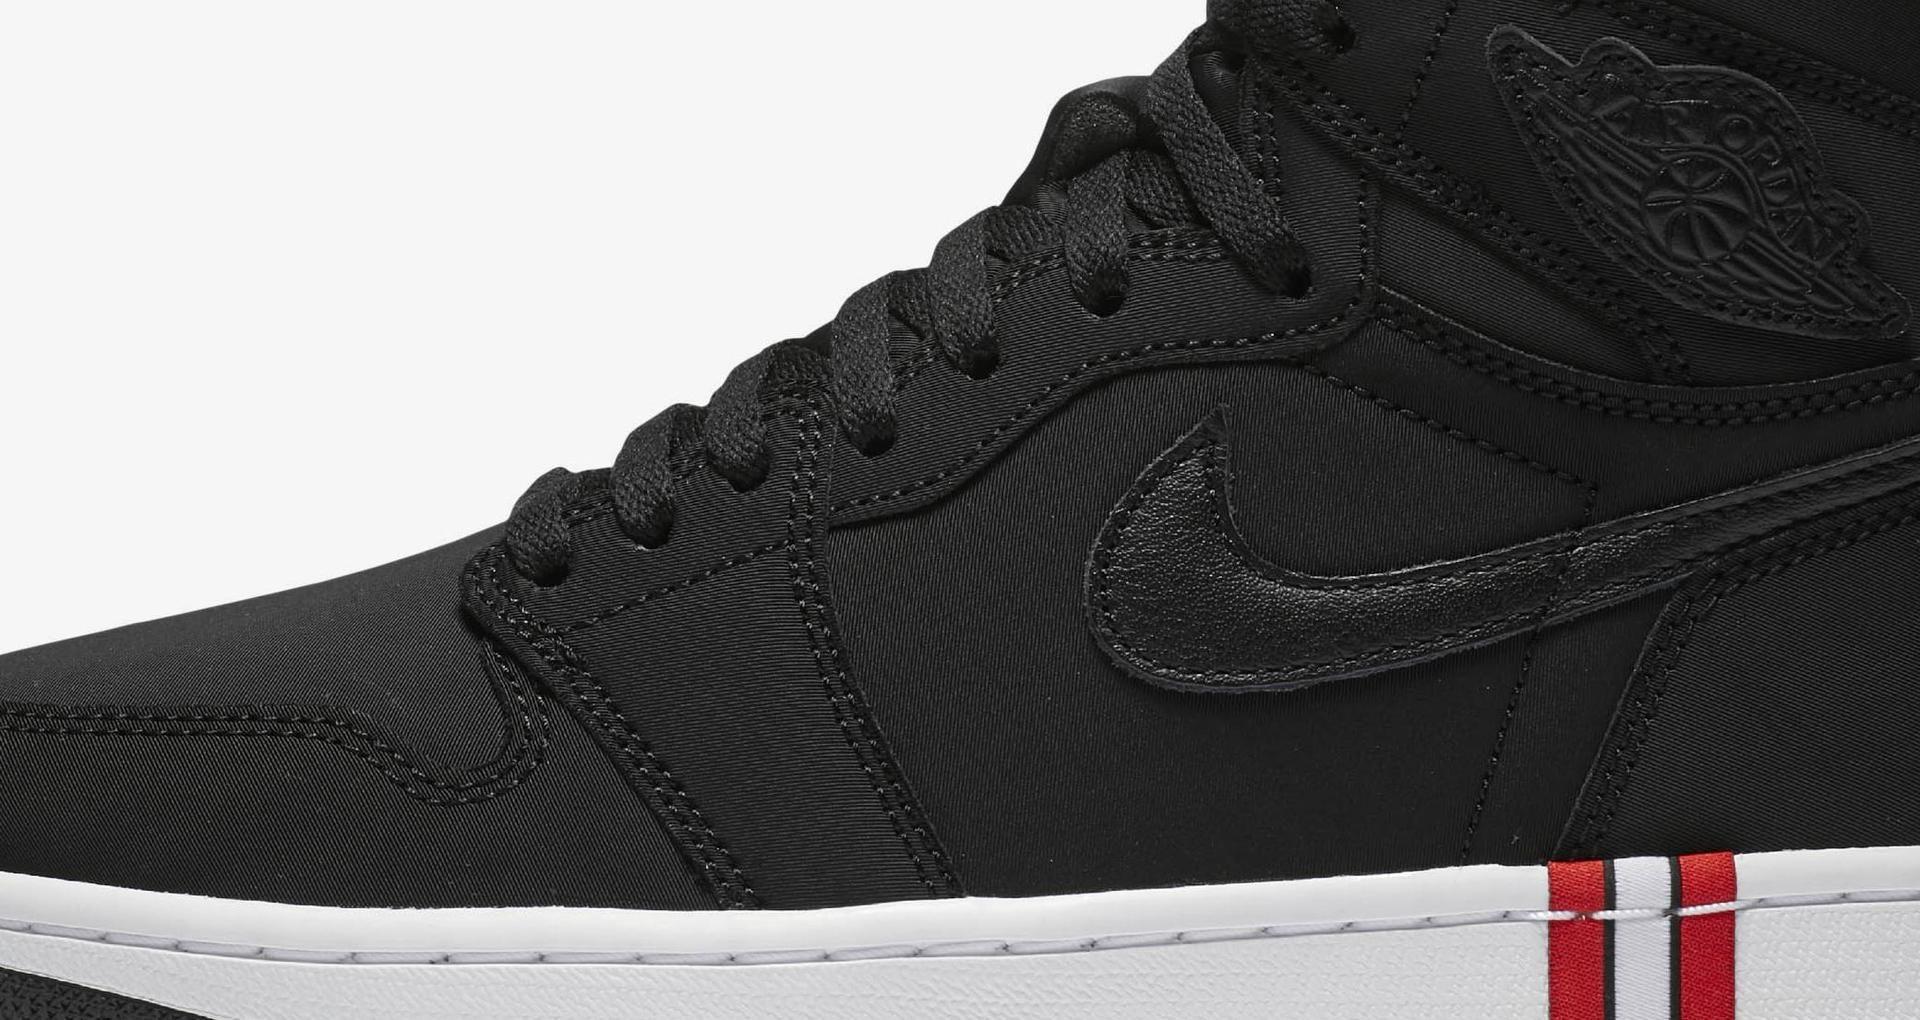 best deals on wholesale price reasonable price Air Jordan 1 PSG 'Black & Challenge Red' Release Date. Nike ...